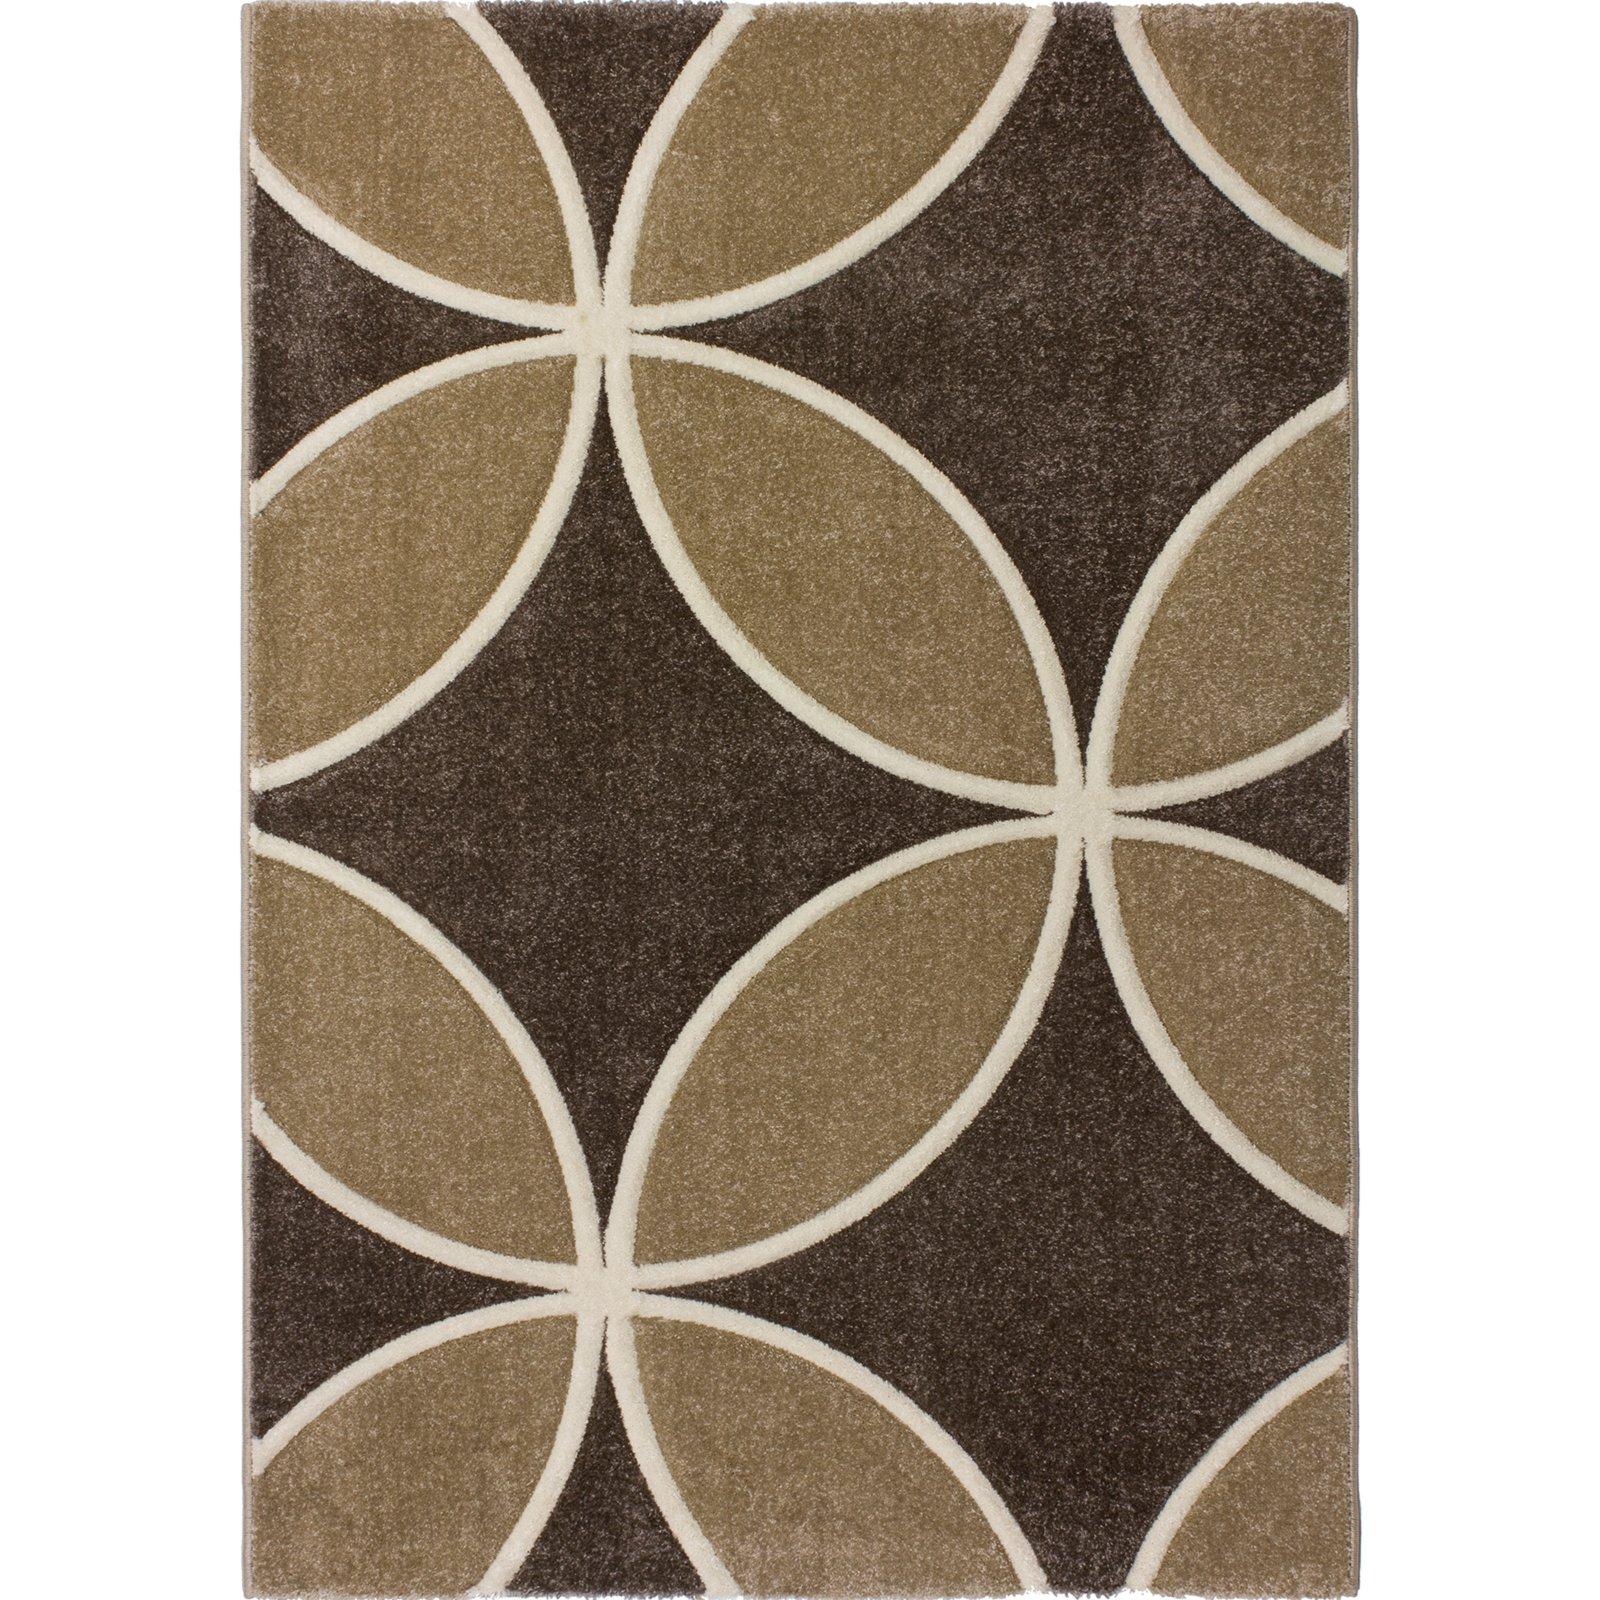 teppich violin braun 170x230 cm gemusterte teppiche teppiche l ufer deko haushalt. Black Bedroom Furniture Sets. Home Design Ideas